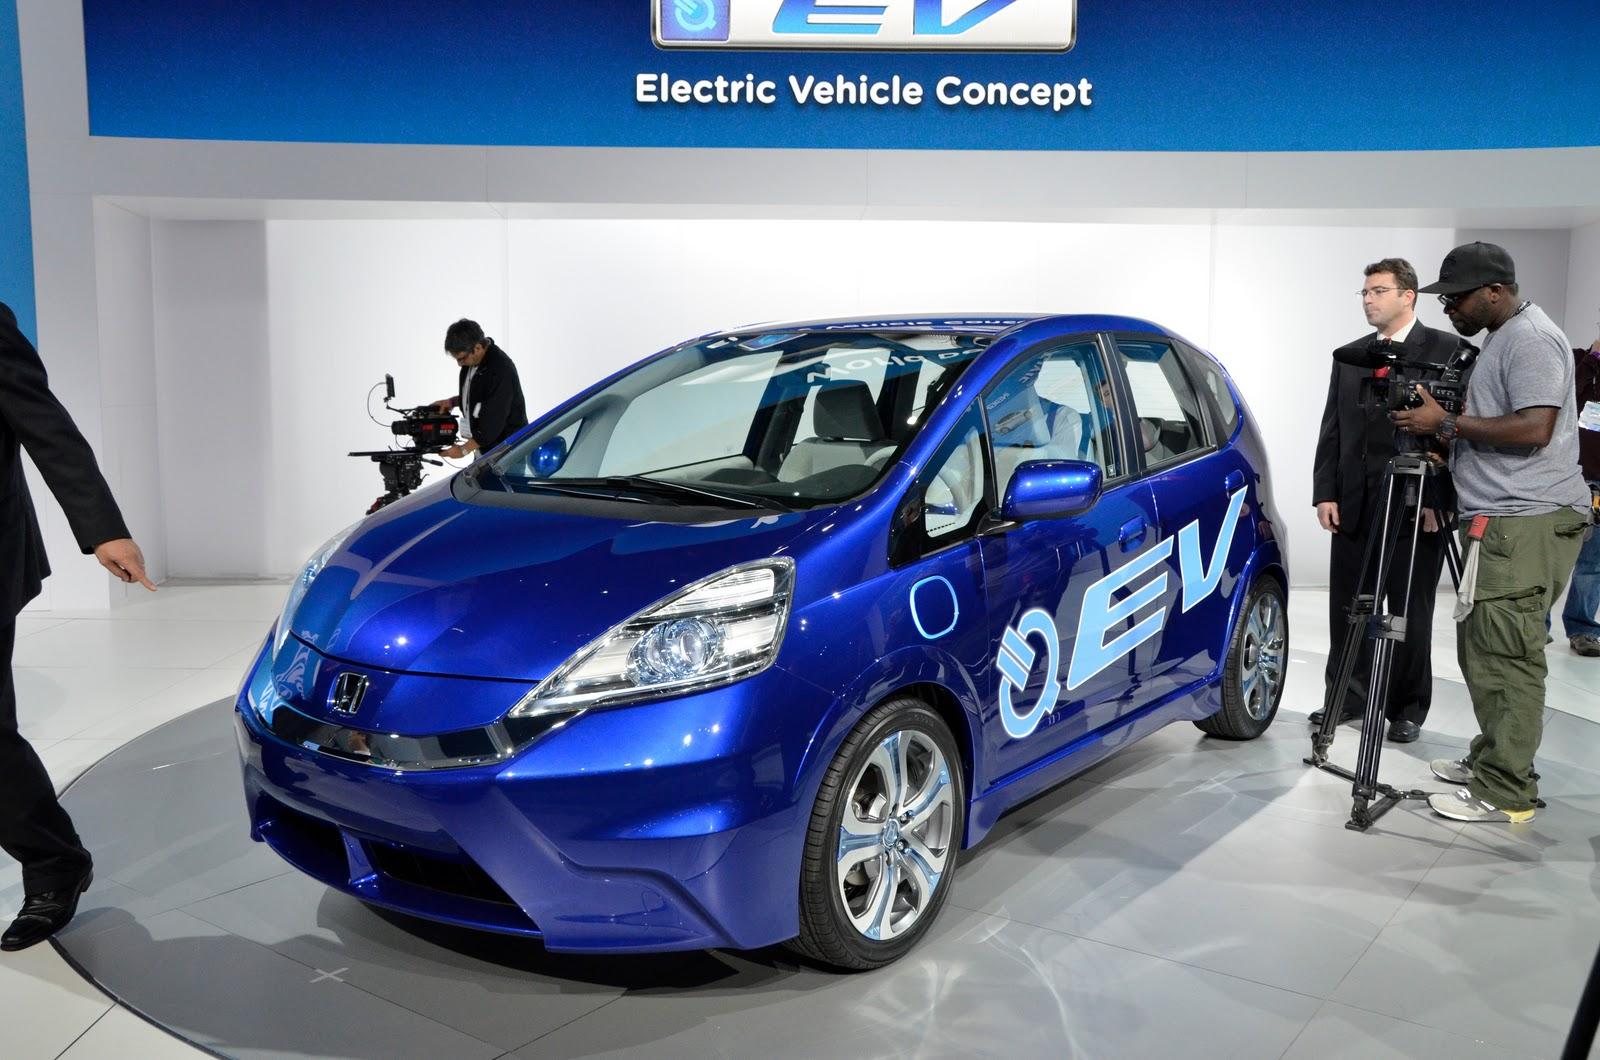 http://2.bp.blogspot.com/_7LQxj656qB0/TPu3JL2zk7I/AAAAAAAAJ6M/ra6AM8pC95Q/s1600/2010+Honda+Fit_Jazz+EV+Concept+2.jpg